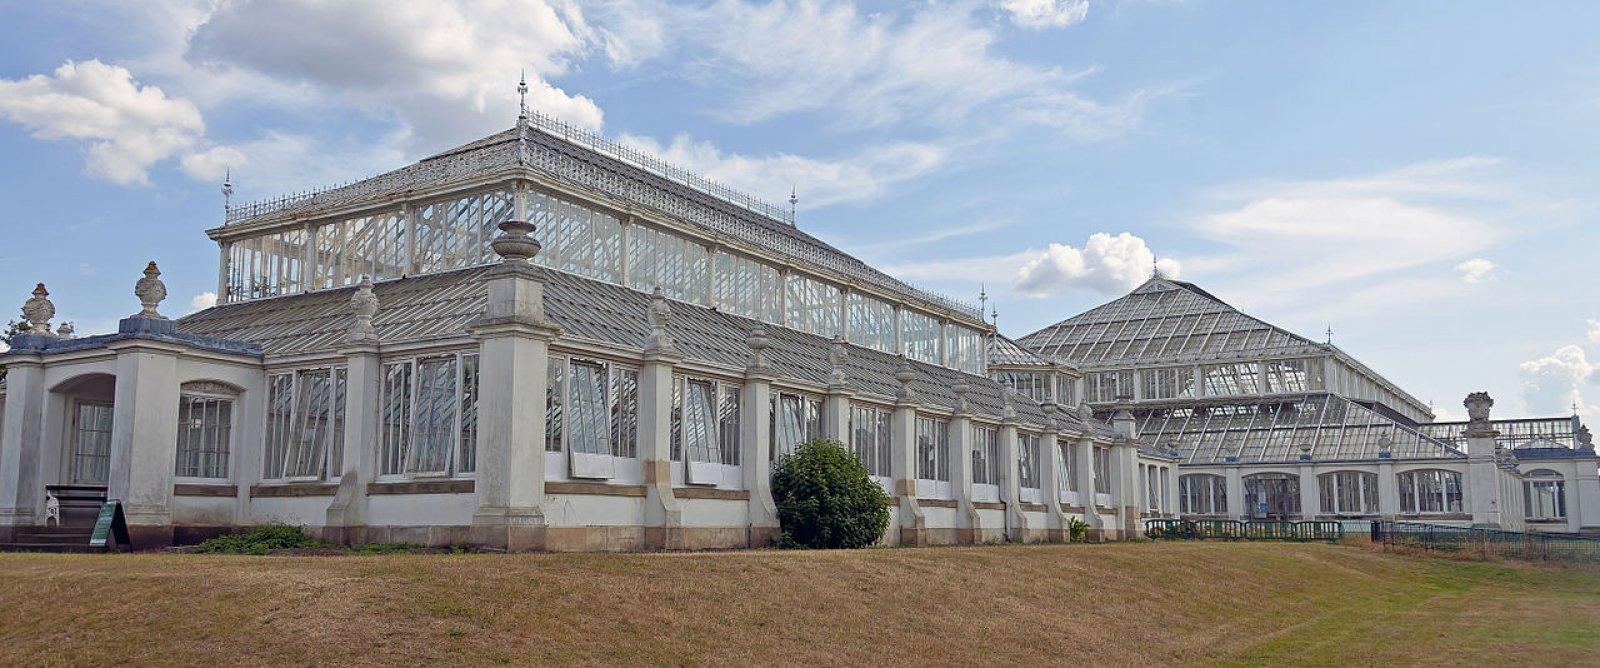 La Kew House